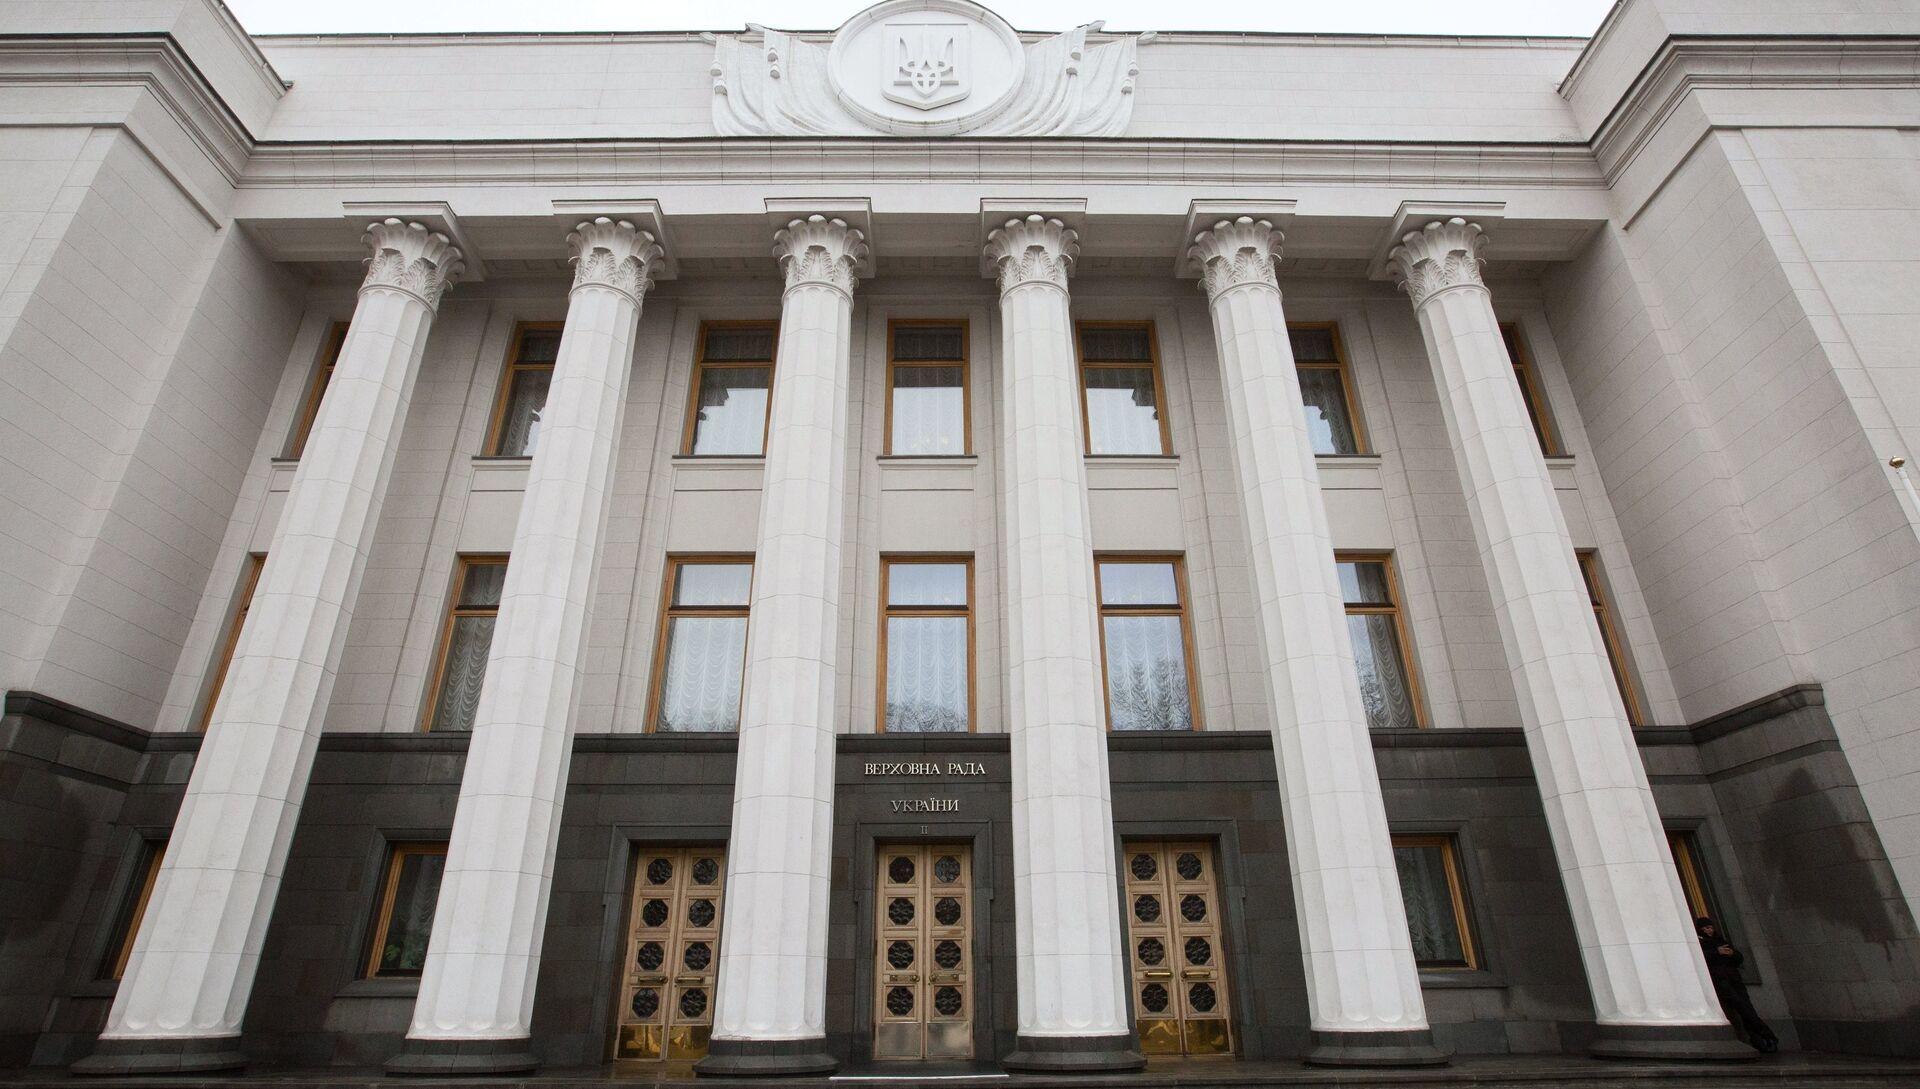 Здание Верховной рады Украины в Киеве - РИА Новости, 1920, 11.11.2020